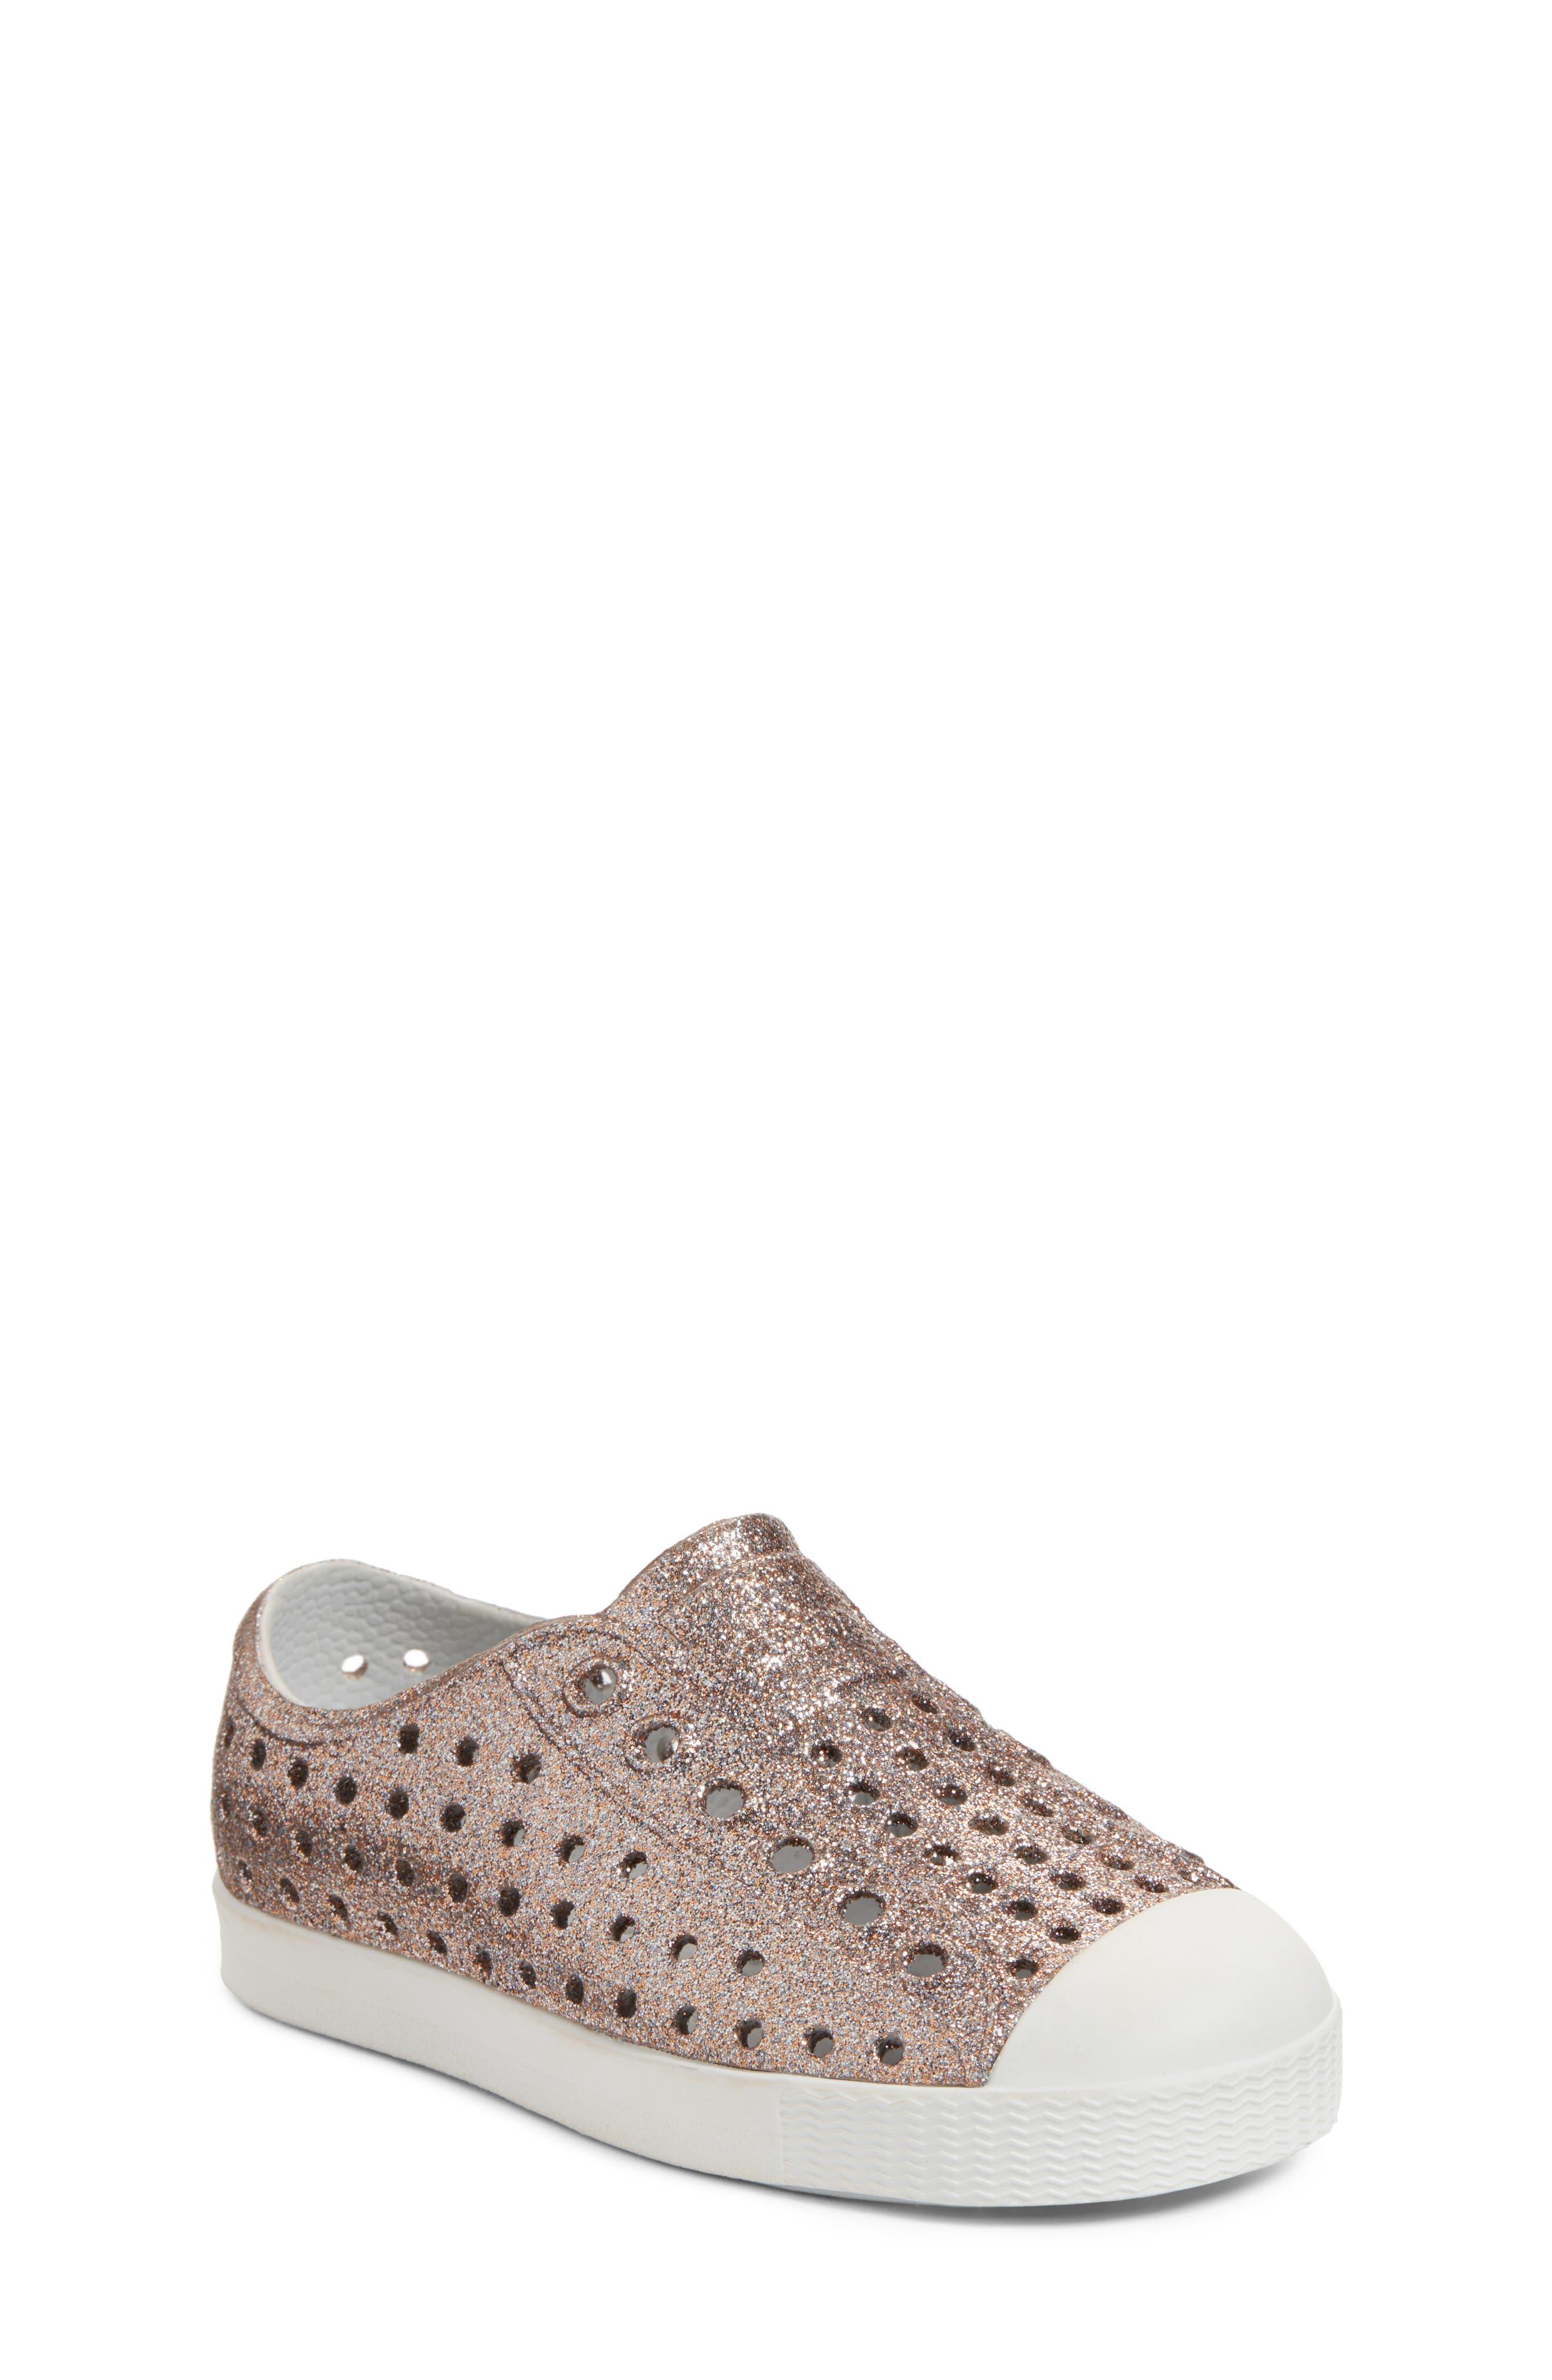 Jefferson - Bling Glitter Slip-On Sneaker,                         Main,                         color, METALLIC BLING/ SHELL WHITE